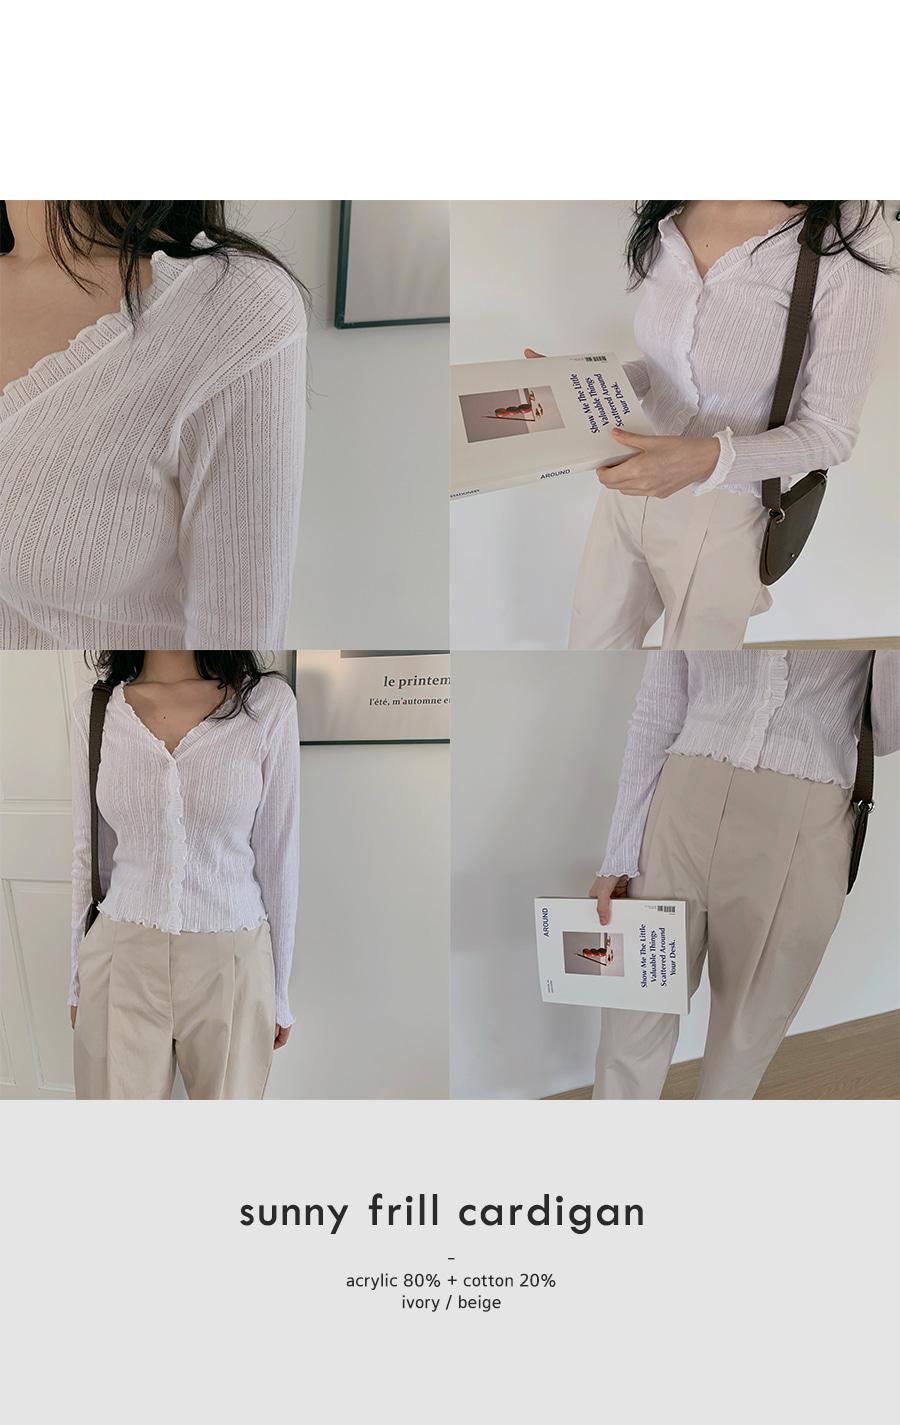 Sunny ruffle cardigan